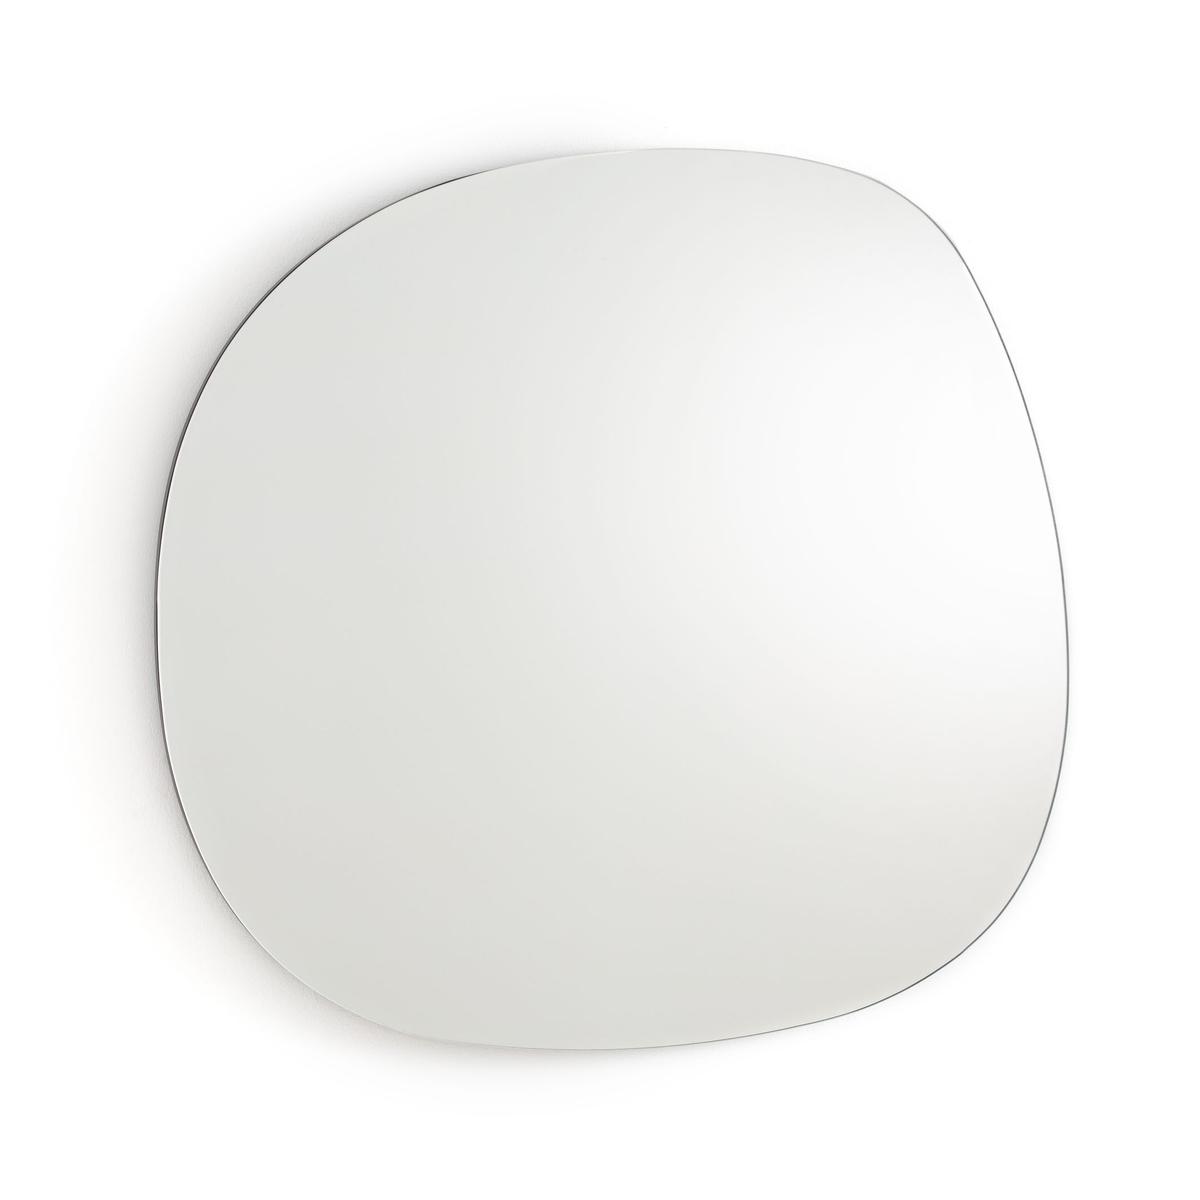 Зеркало La Redoute Размер M Biface единый размер другие зеркало la redoute прямоугольное д x в см barbier единый размер другие